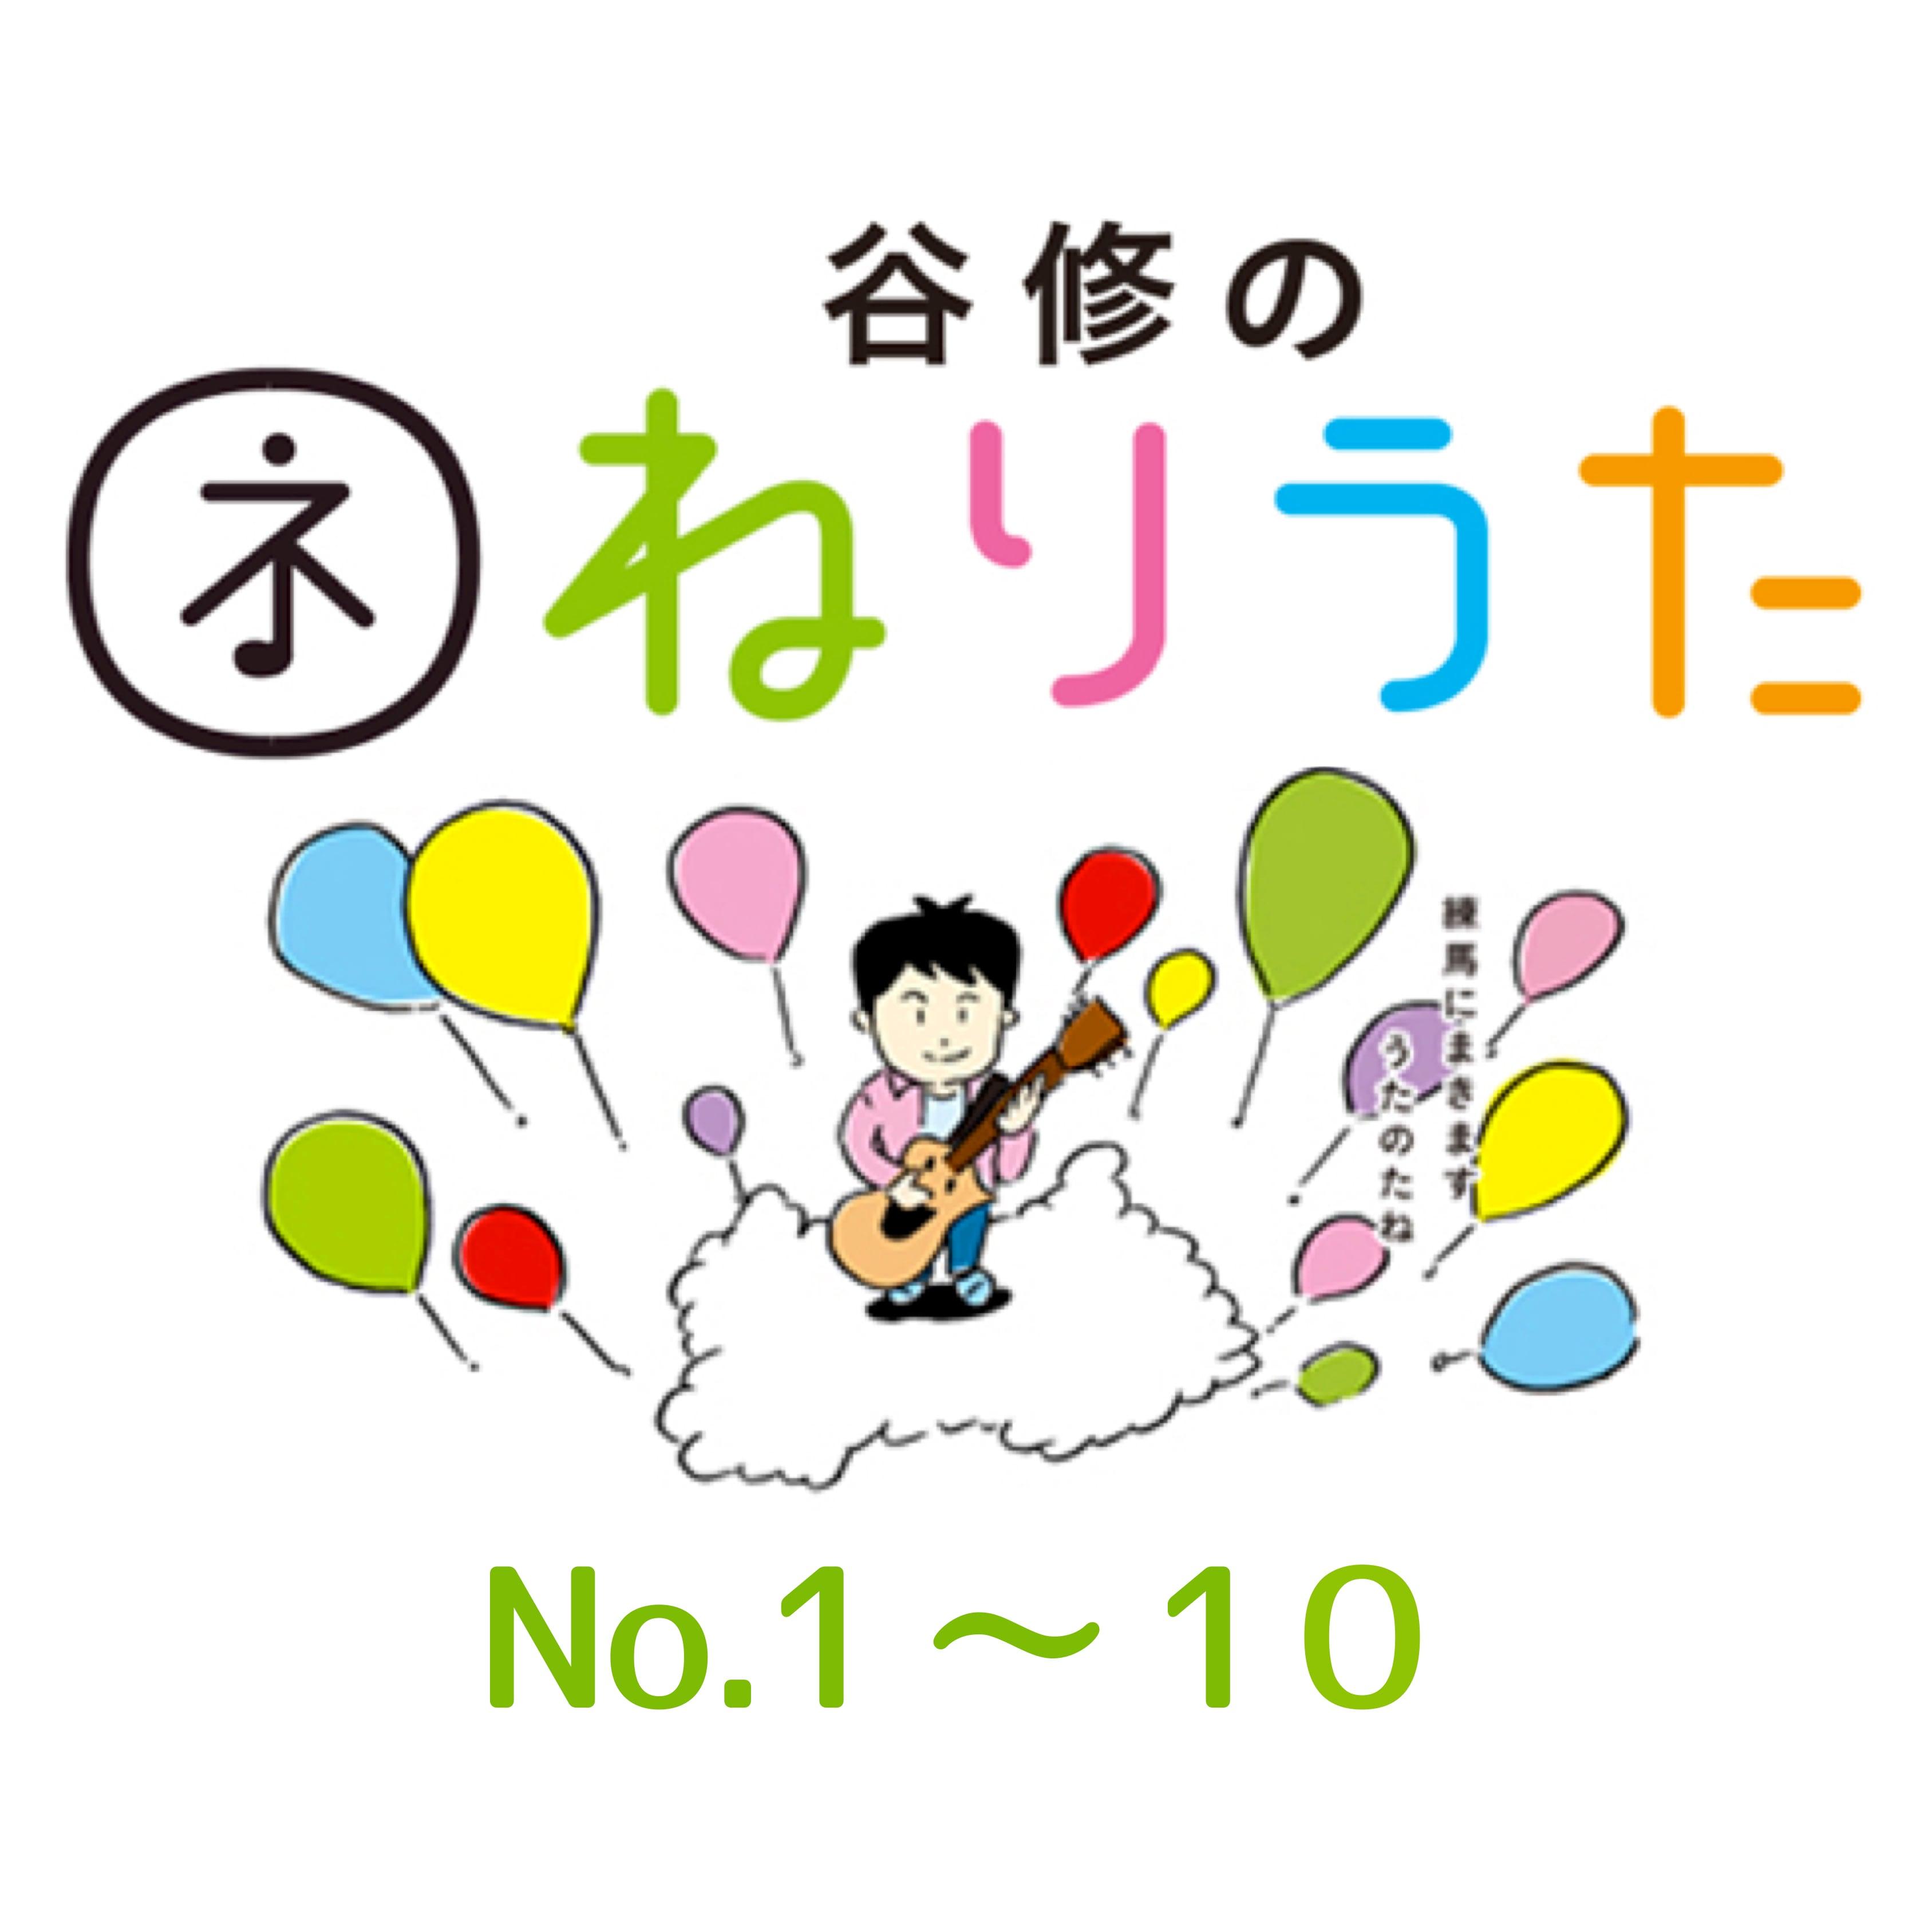 ねりうた #01-10 [10曲入/歌詞カード付] ダウンロード版